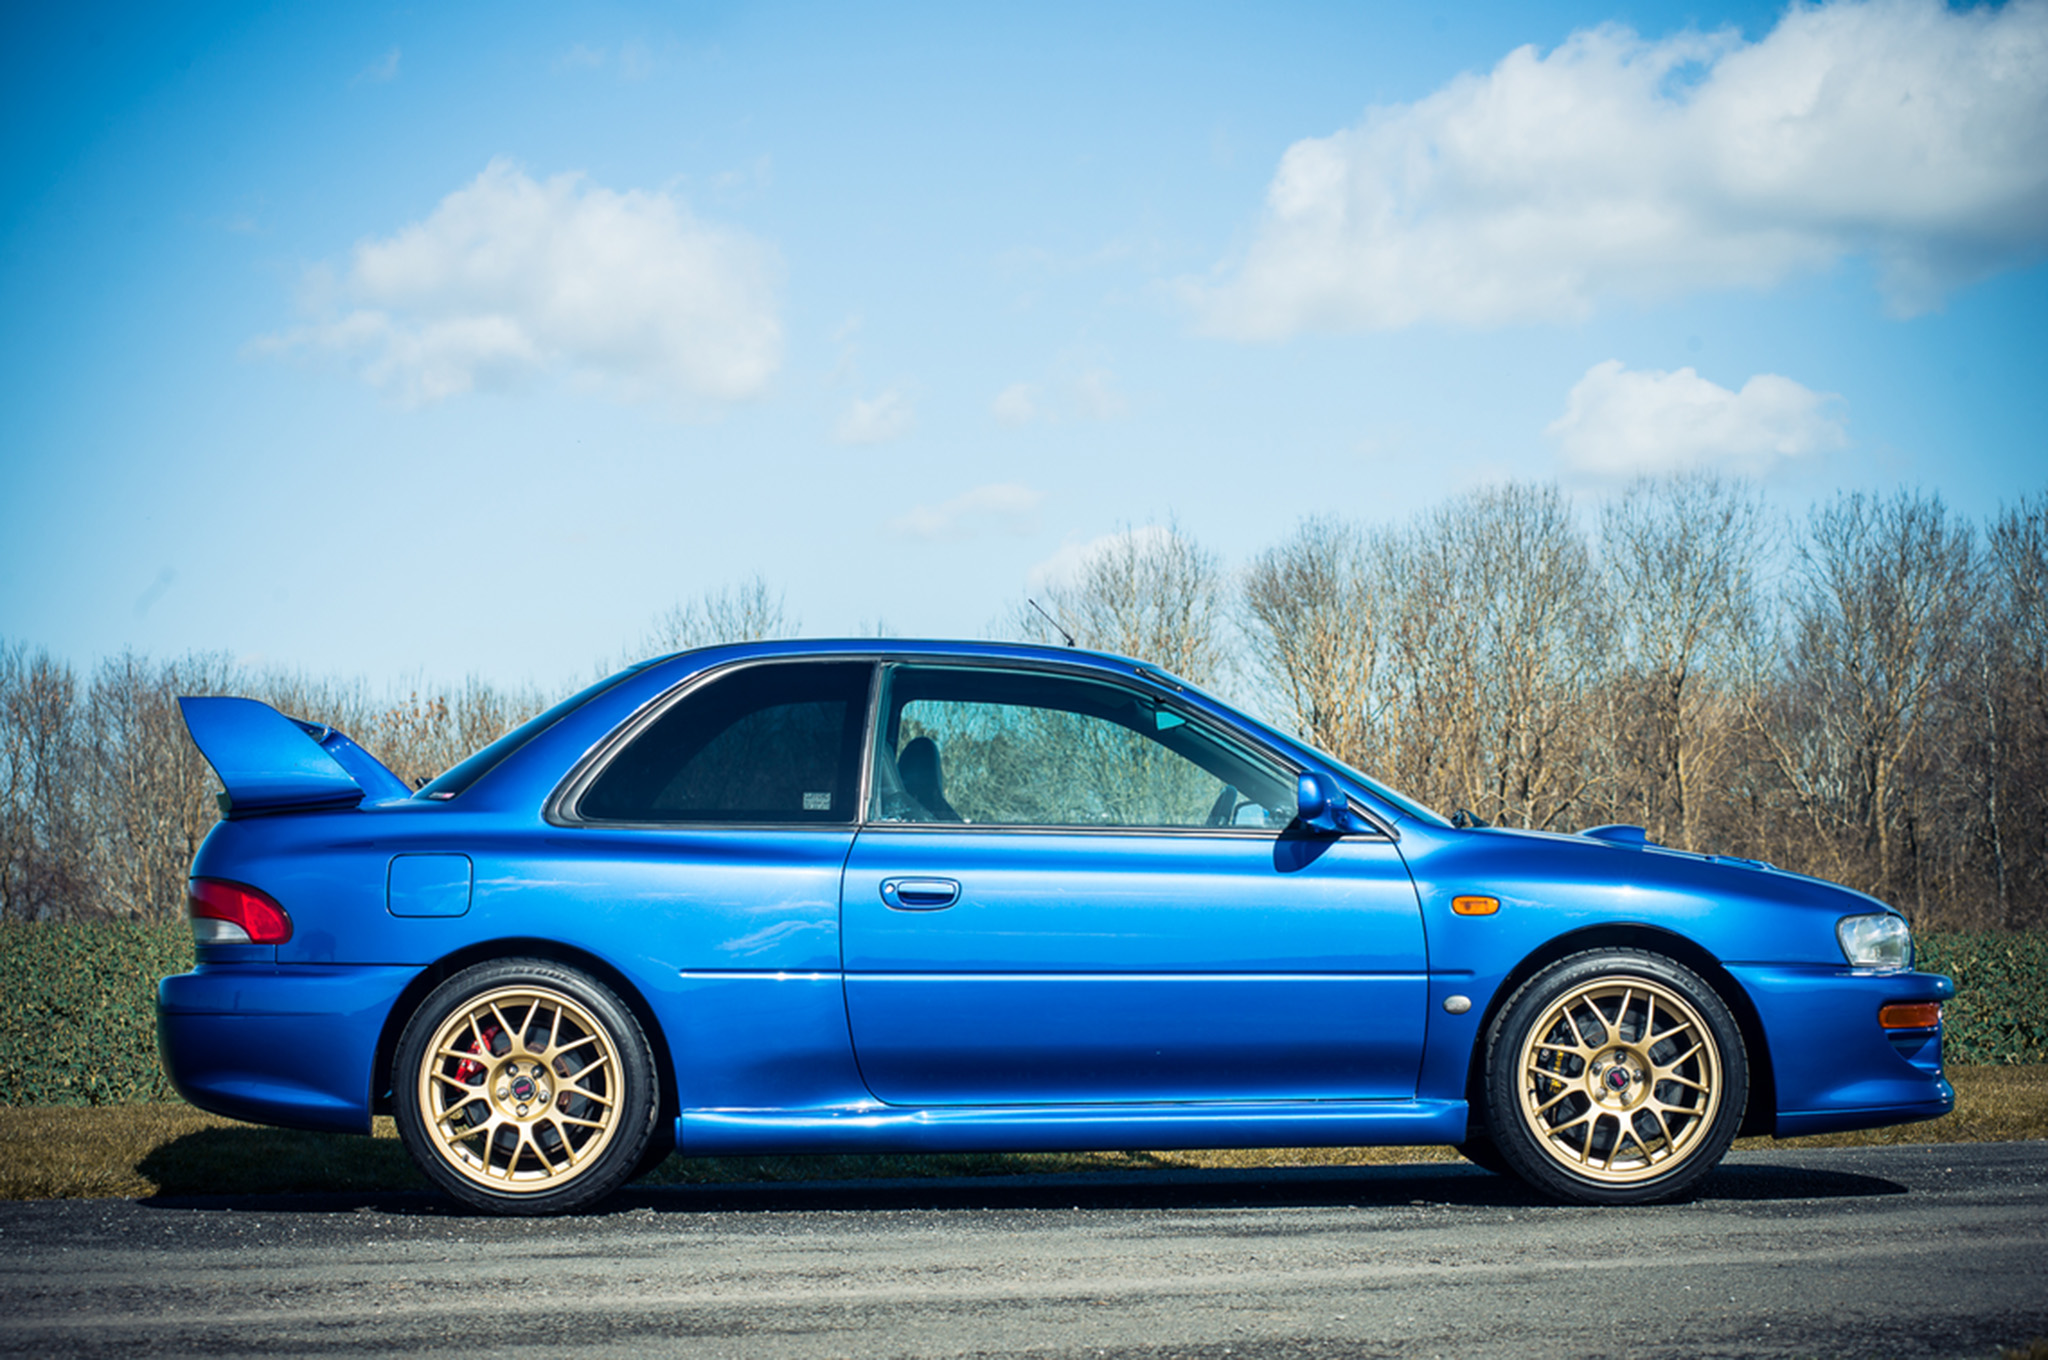 Subaru Impreza 22B STI brzina